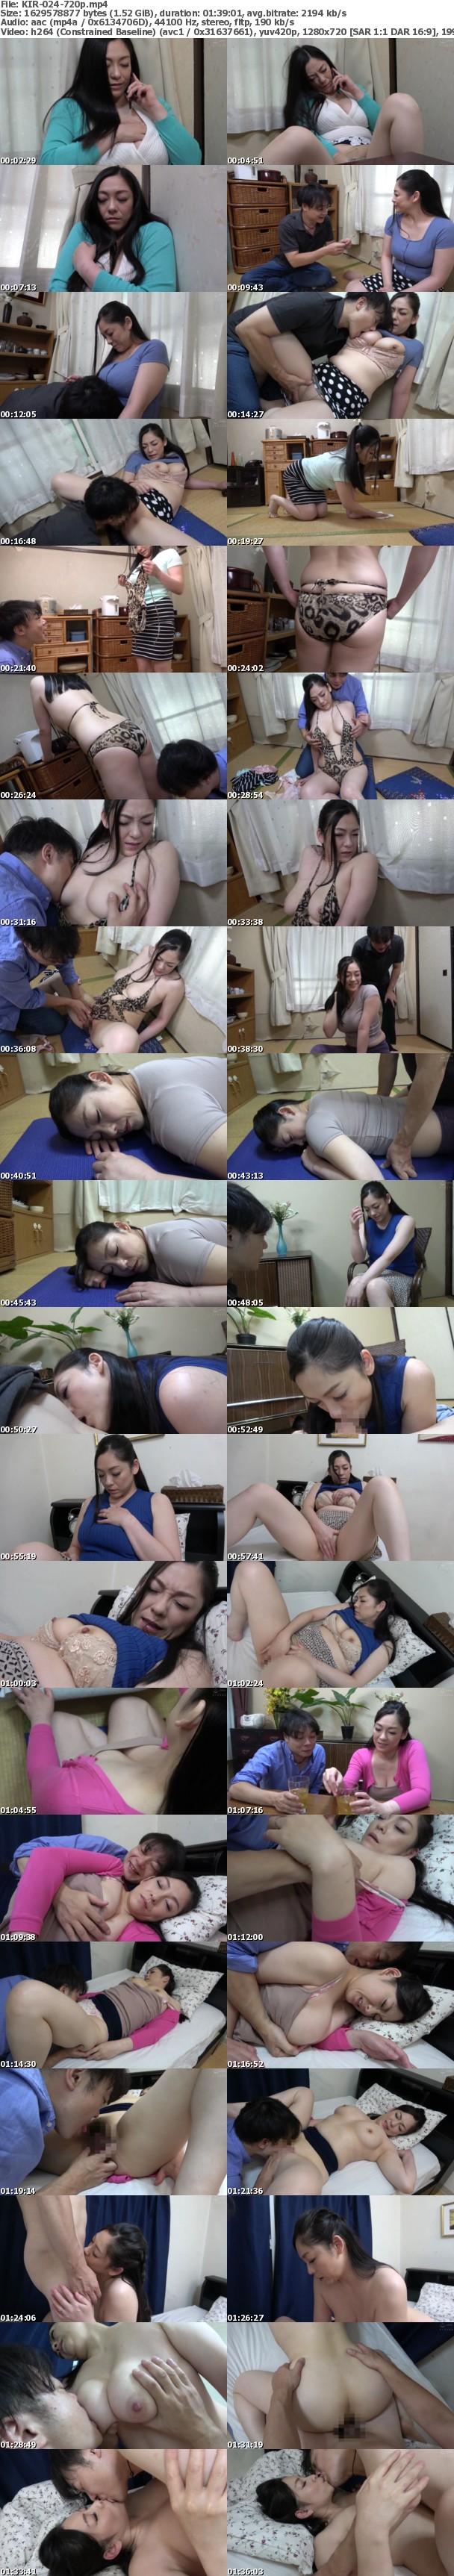 (HD) KIR-024 夫が出張に行くと始まる義息のエロいたずら巨乳の義母さんのムラムラ指数が高まってしまう 児玉るみ